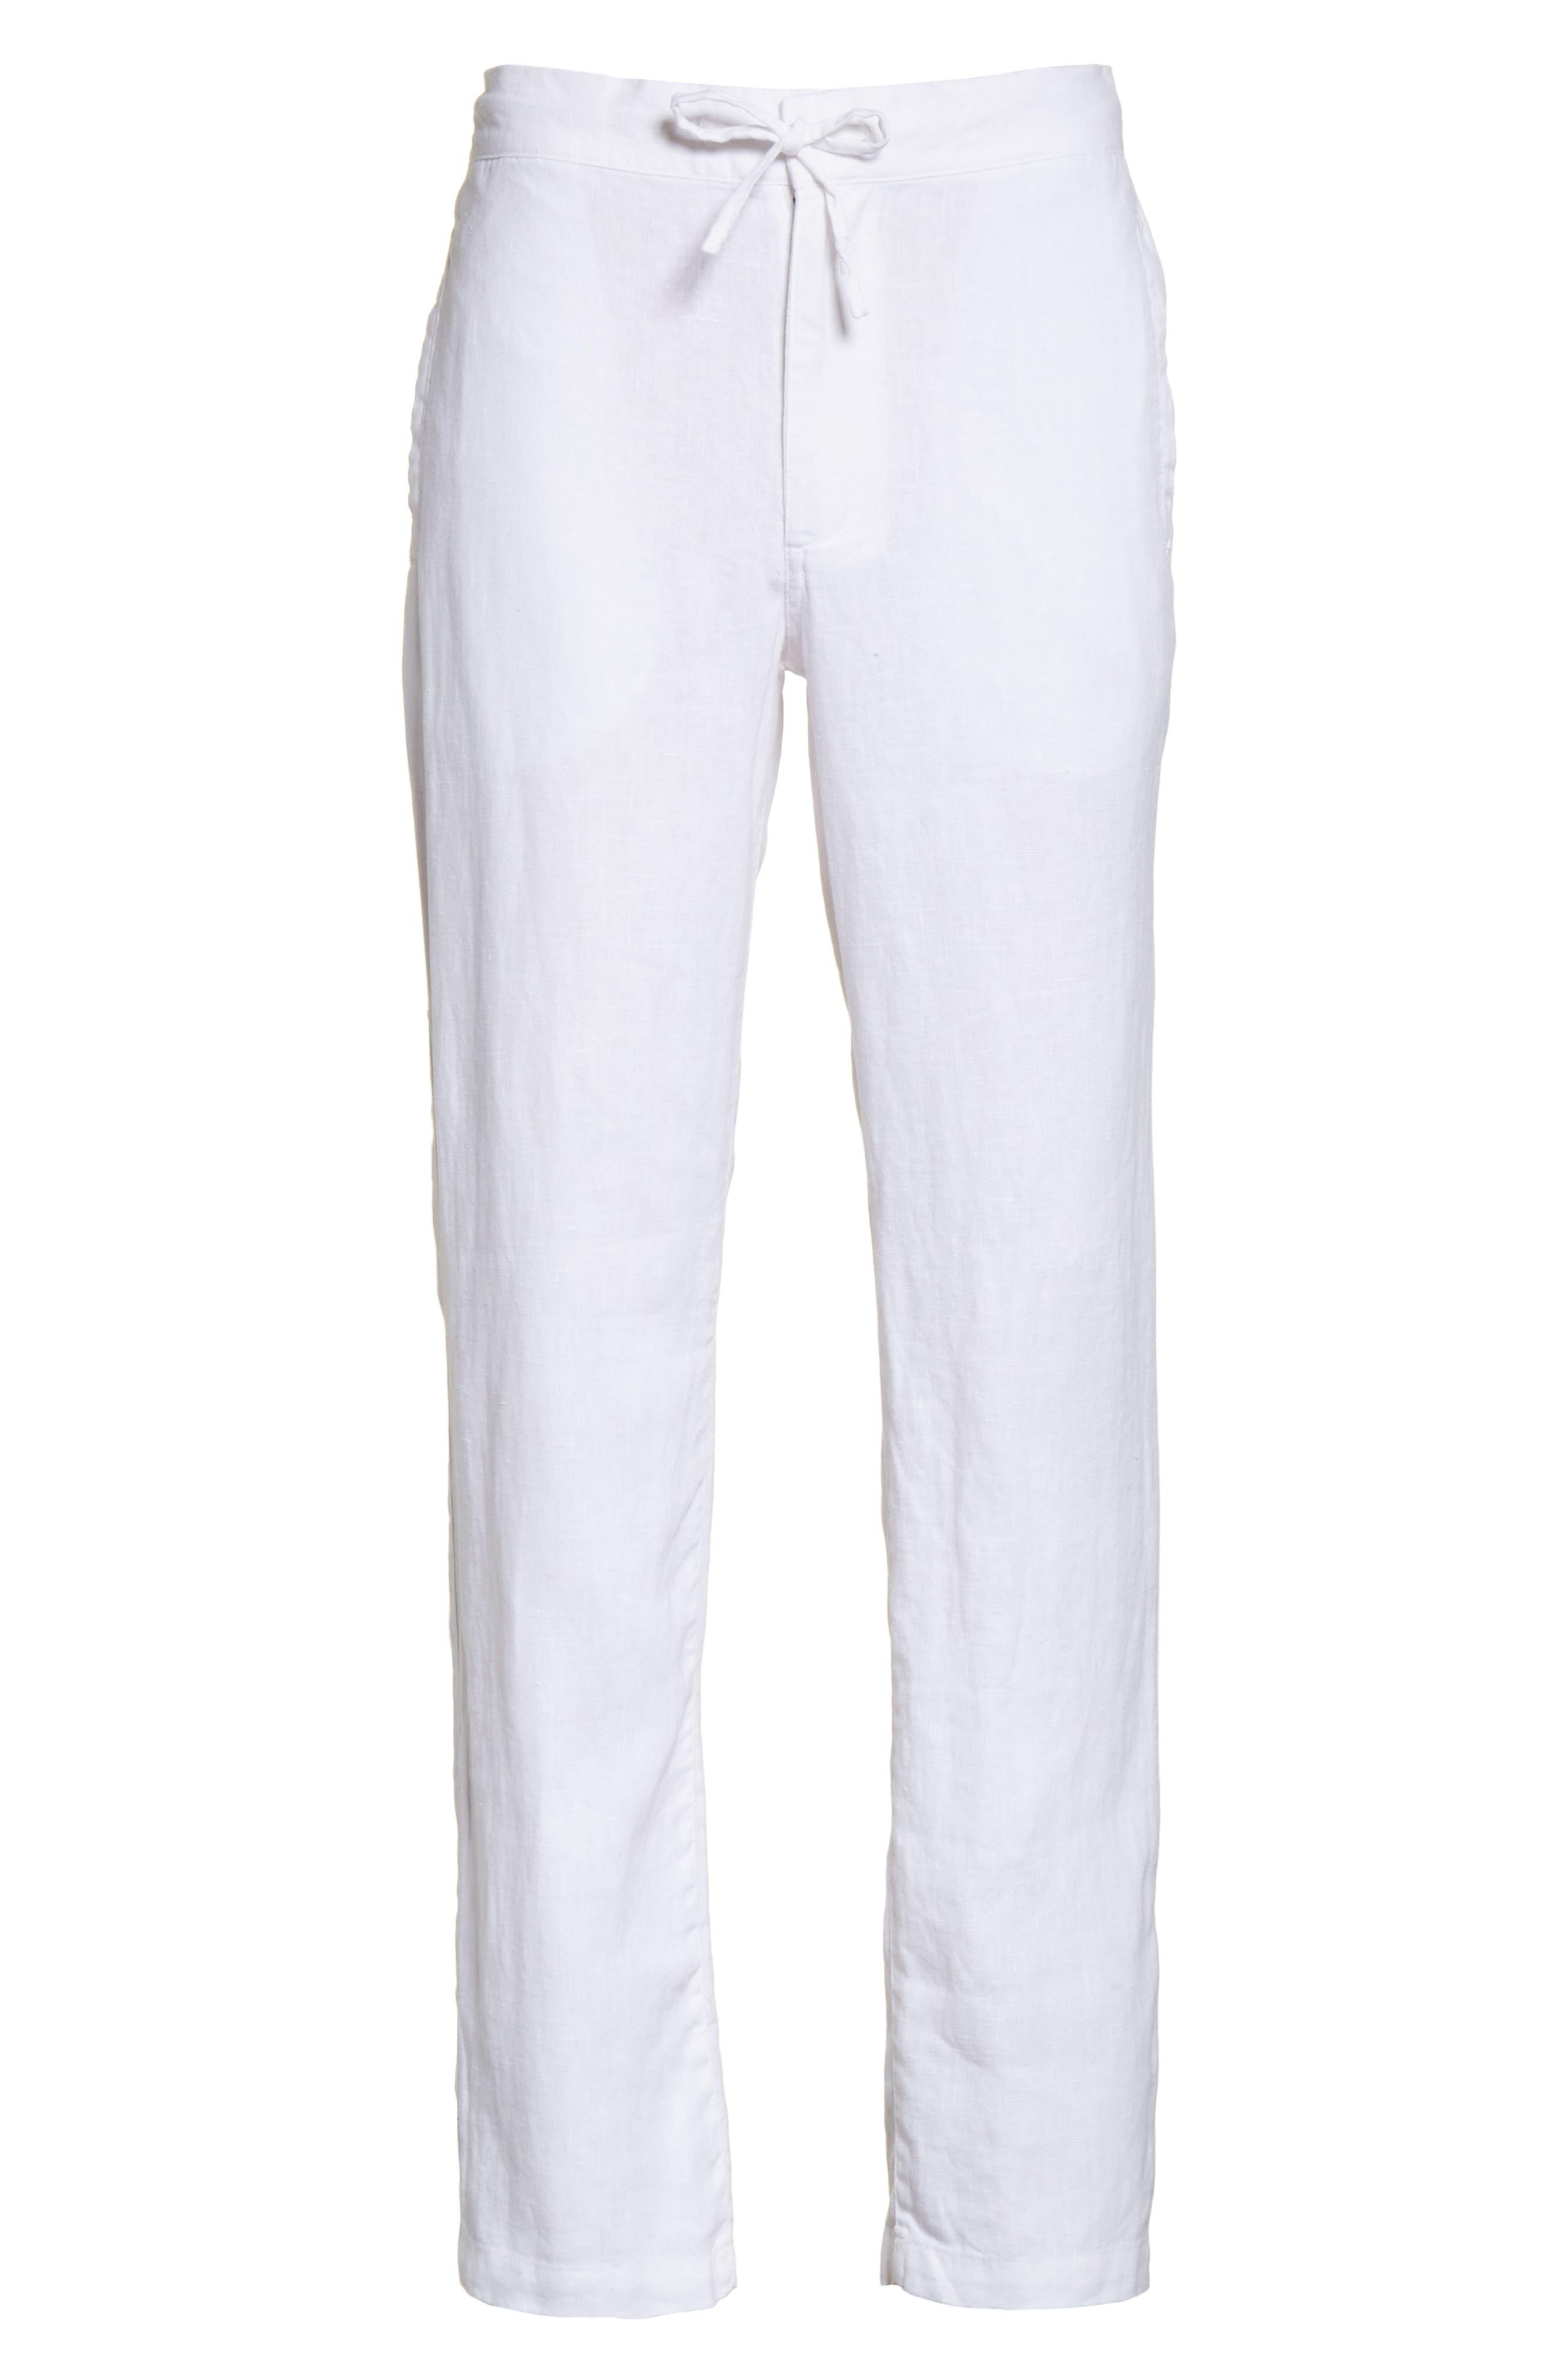 Collin Linen Pants,                             Alternate thumbnail 6, color,                             100